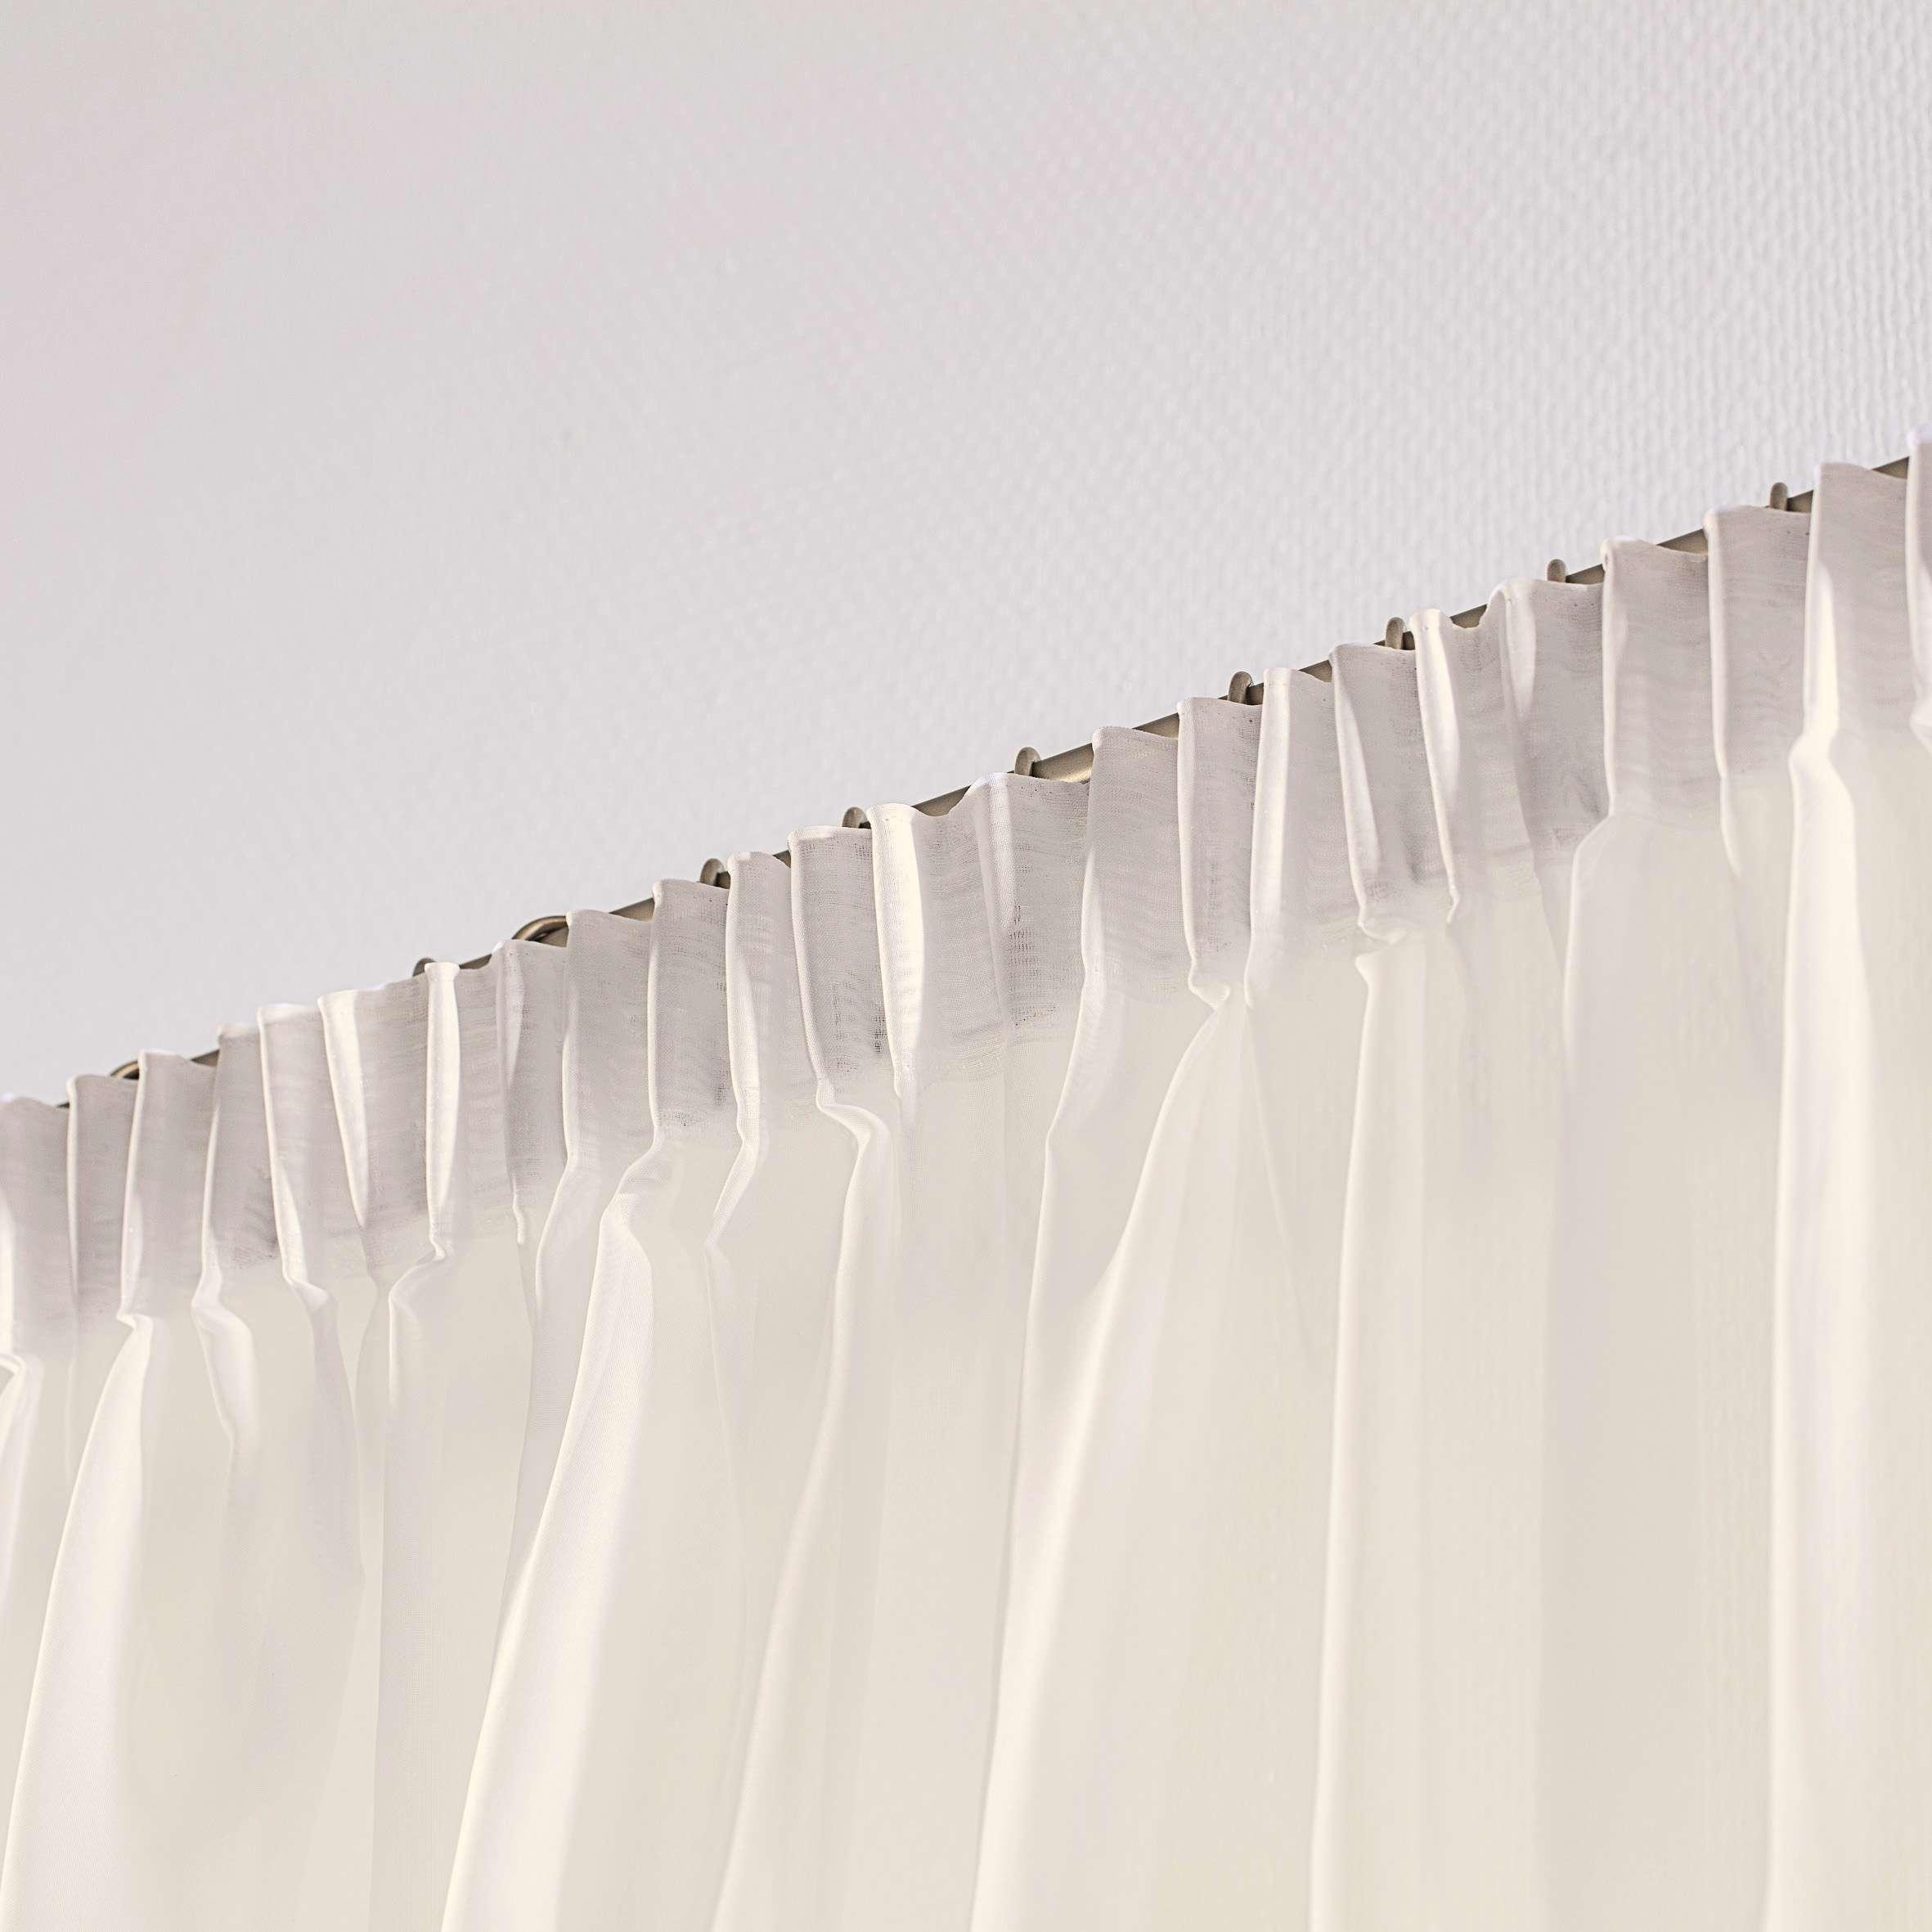 Záclona na riasiacej páske V kolekcii Záclona hladká, tkanina: 901-01